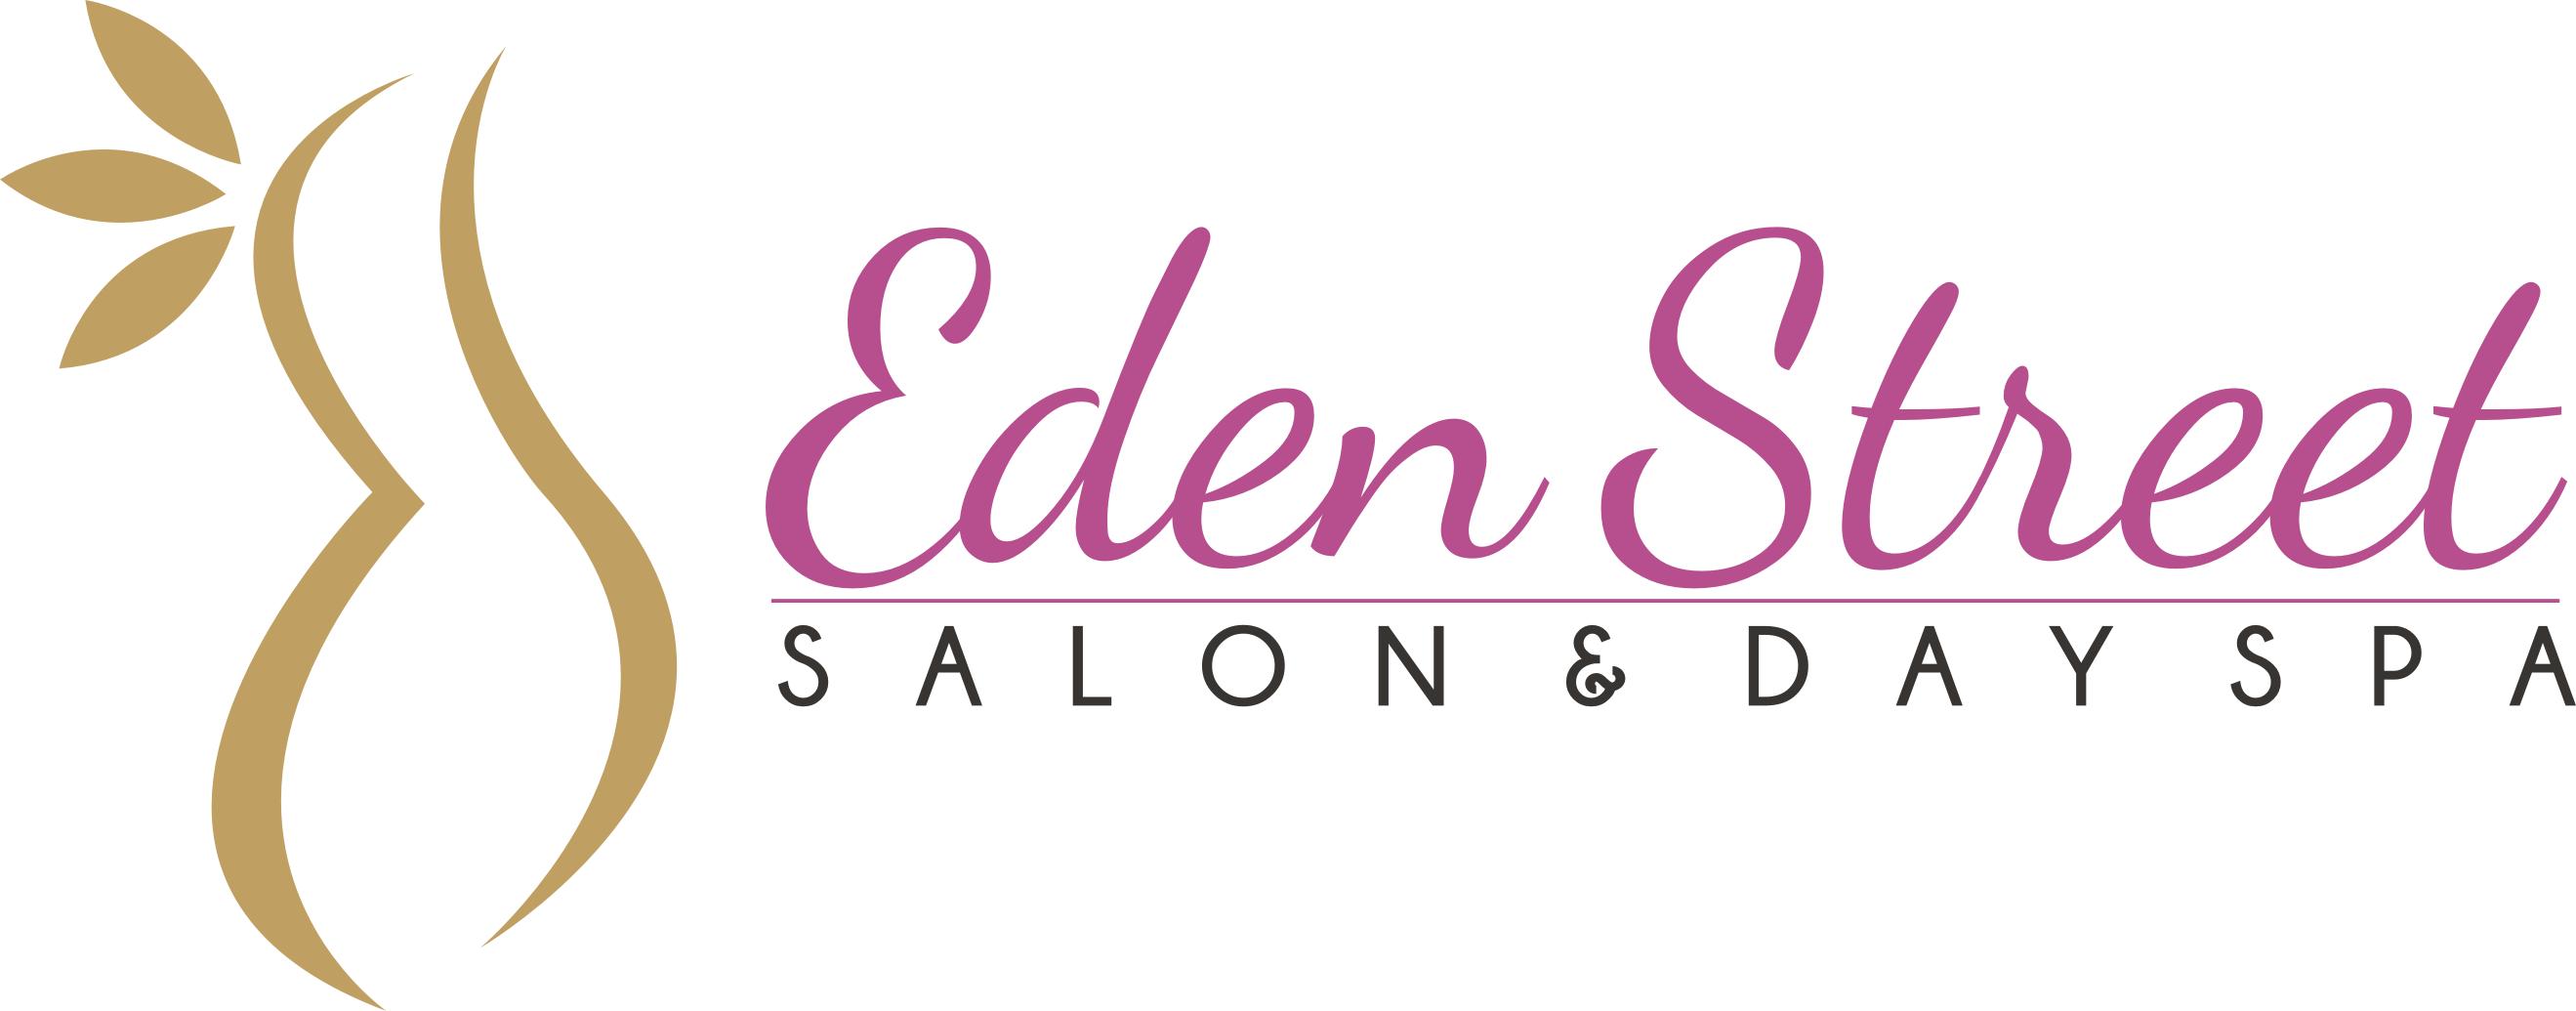 Eden Street Salon & Day Spa